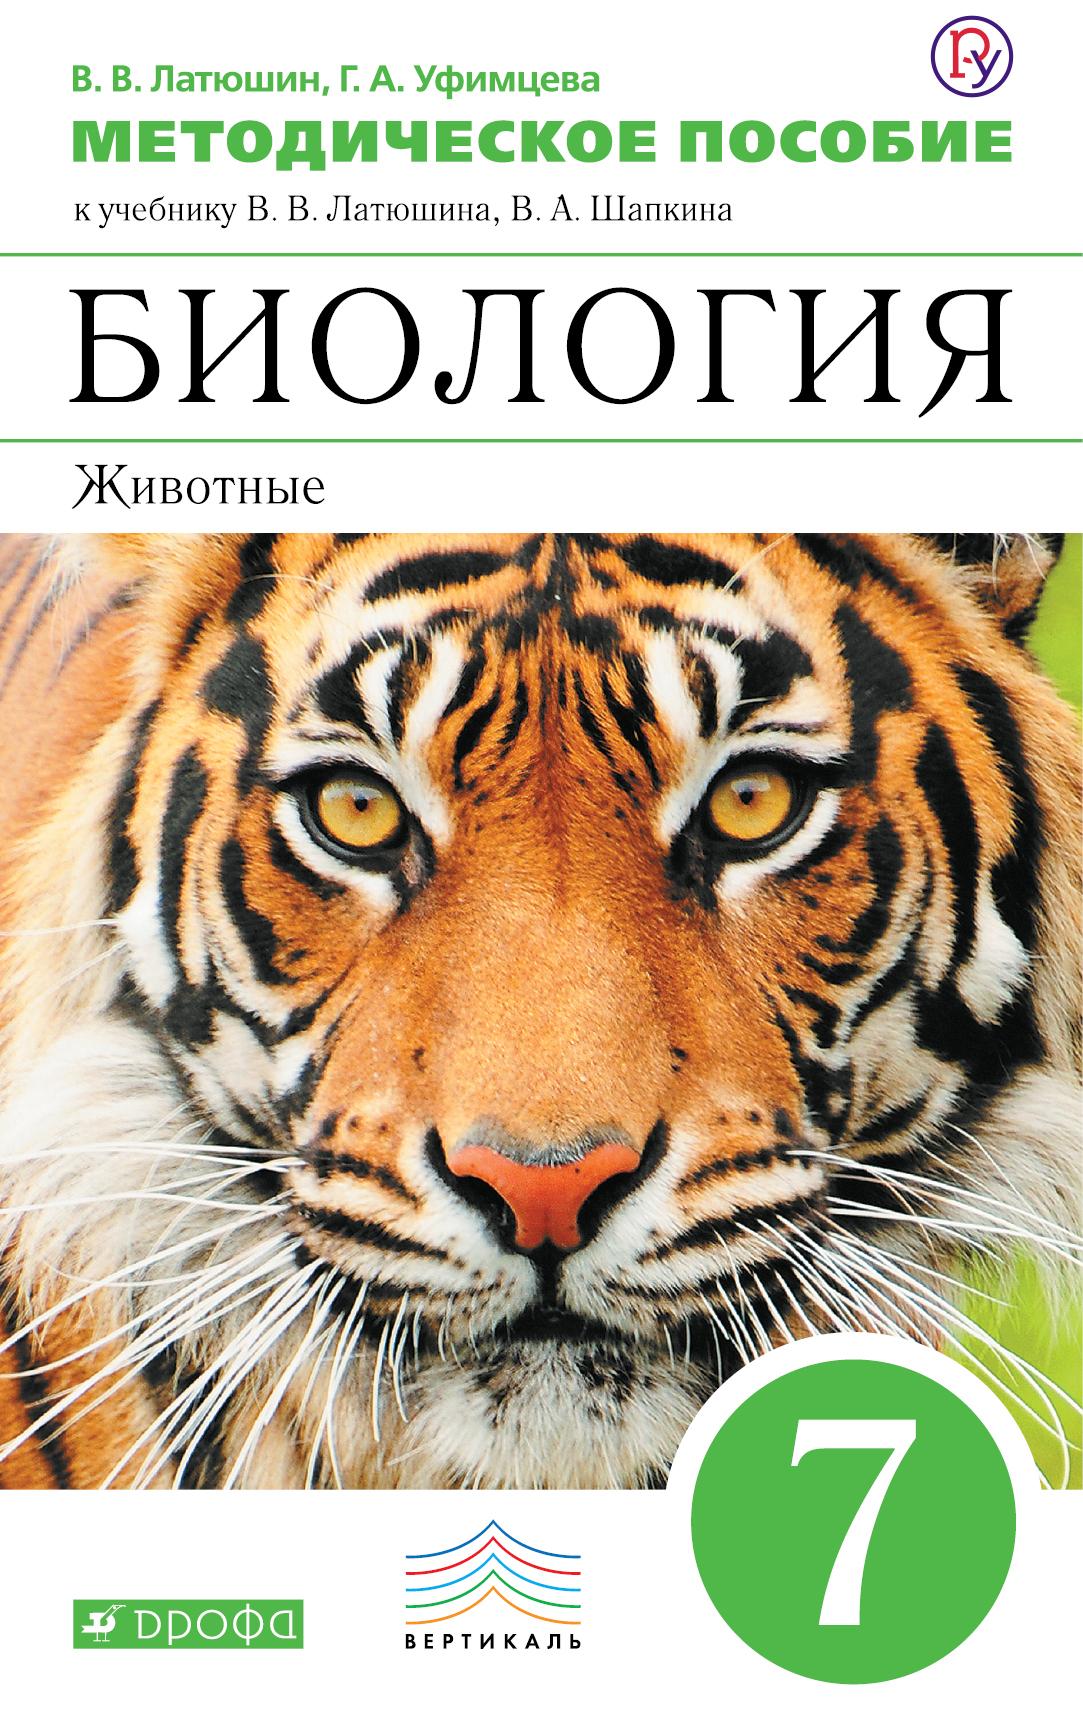 Биология. 7 класс. Животные. Методическое пособие. ( Латюшин В.В., Уфимцева Г.А.  )